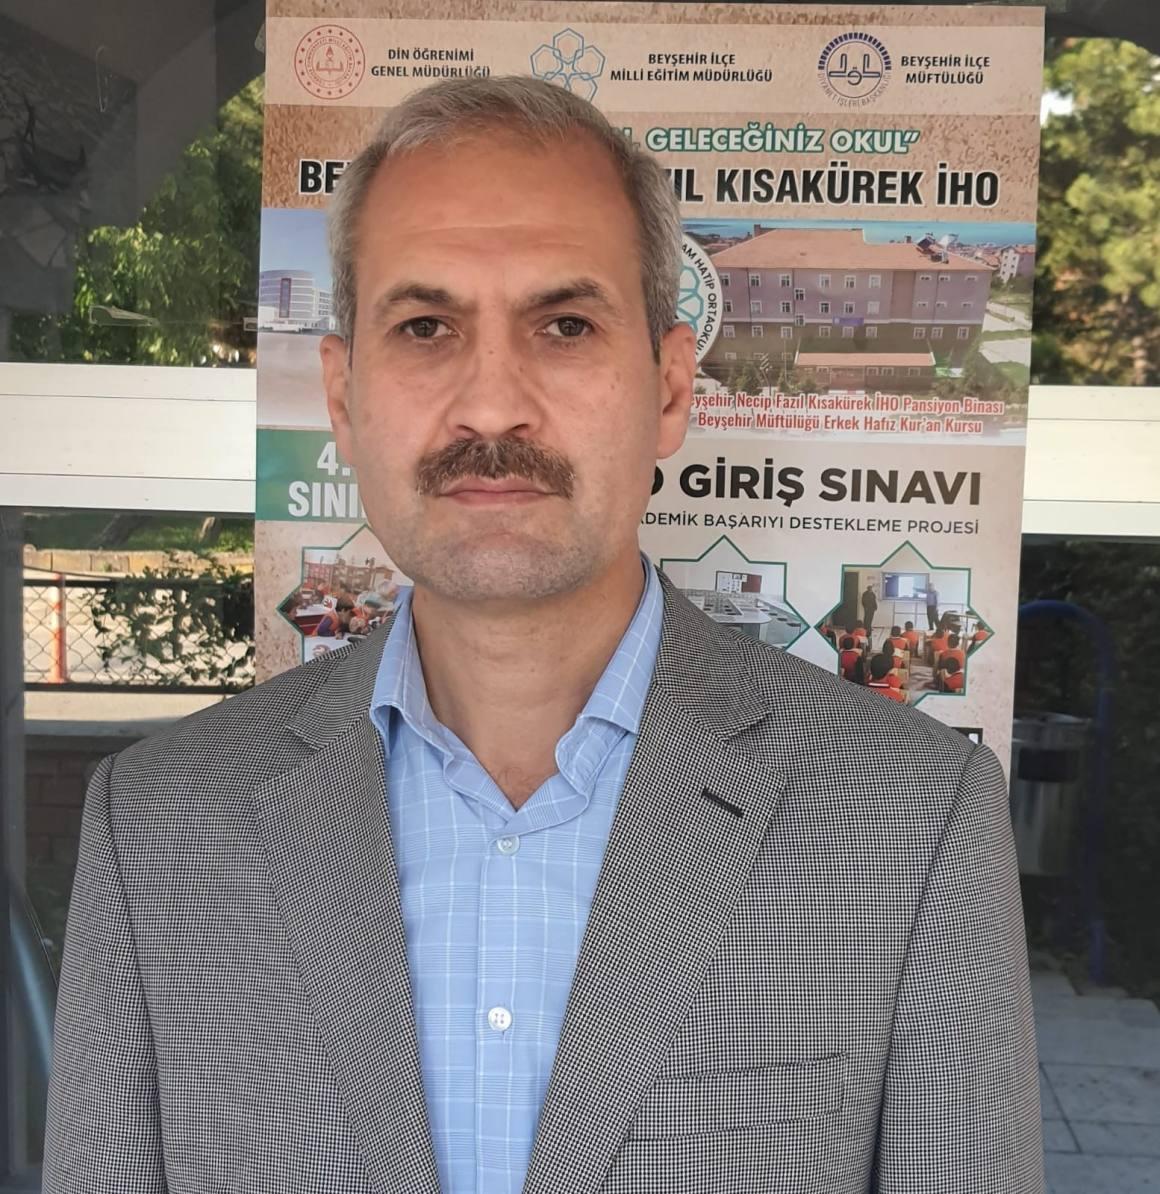 Beyşehir'de Yaz Kur'an kursu başlıyor